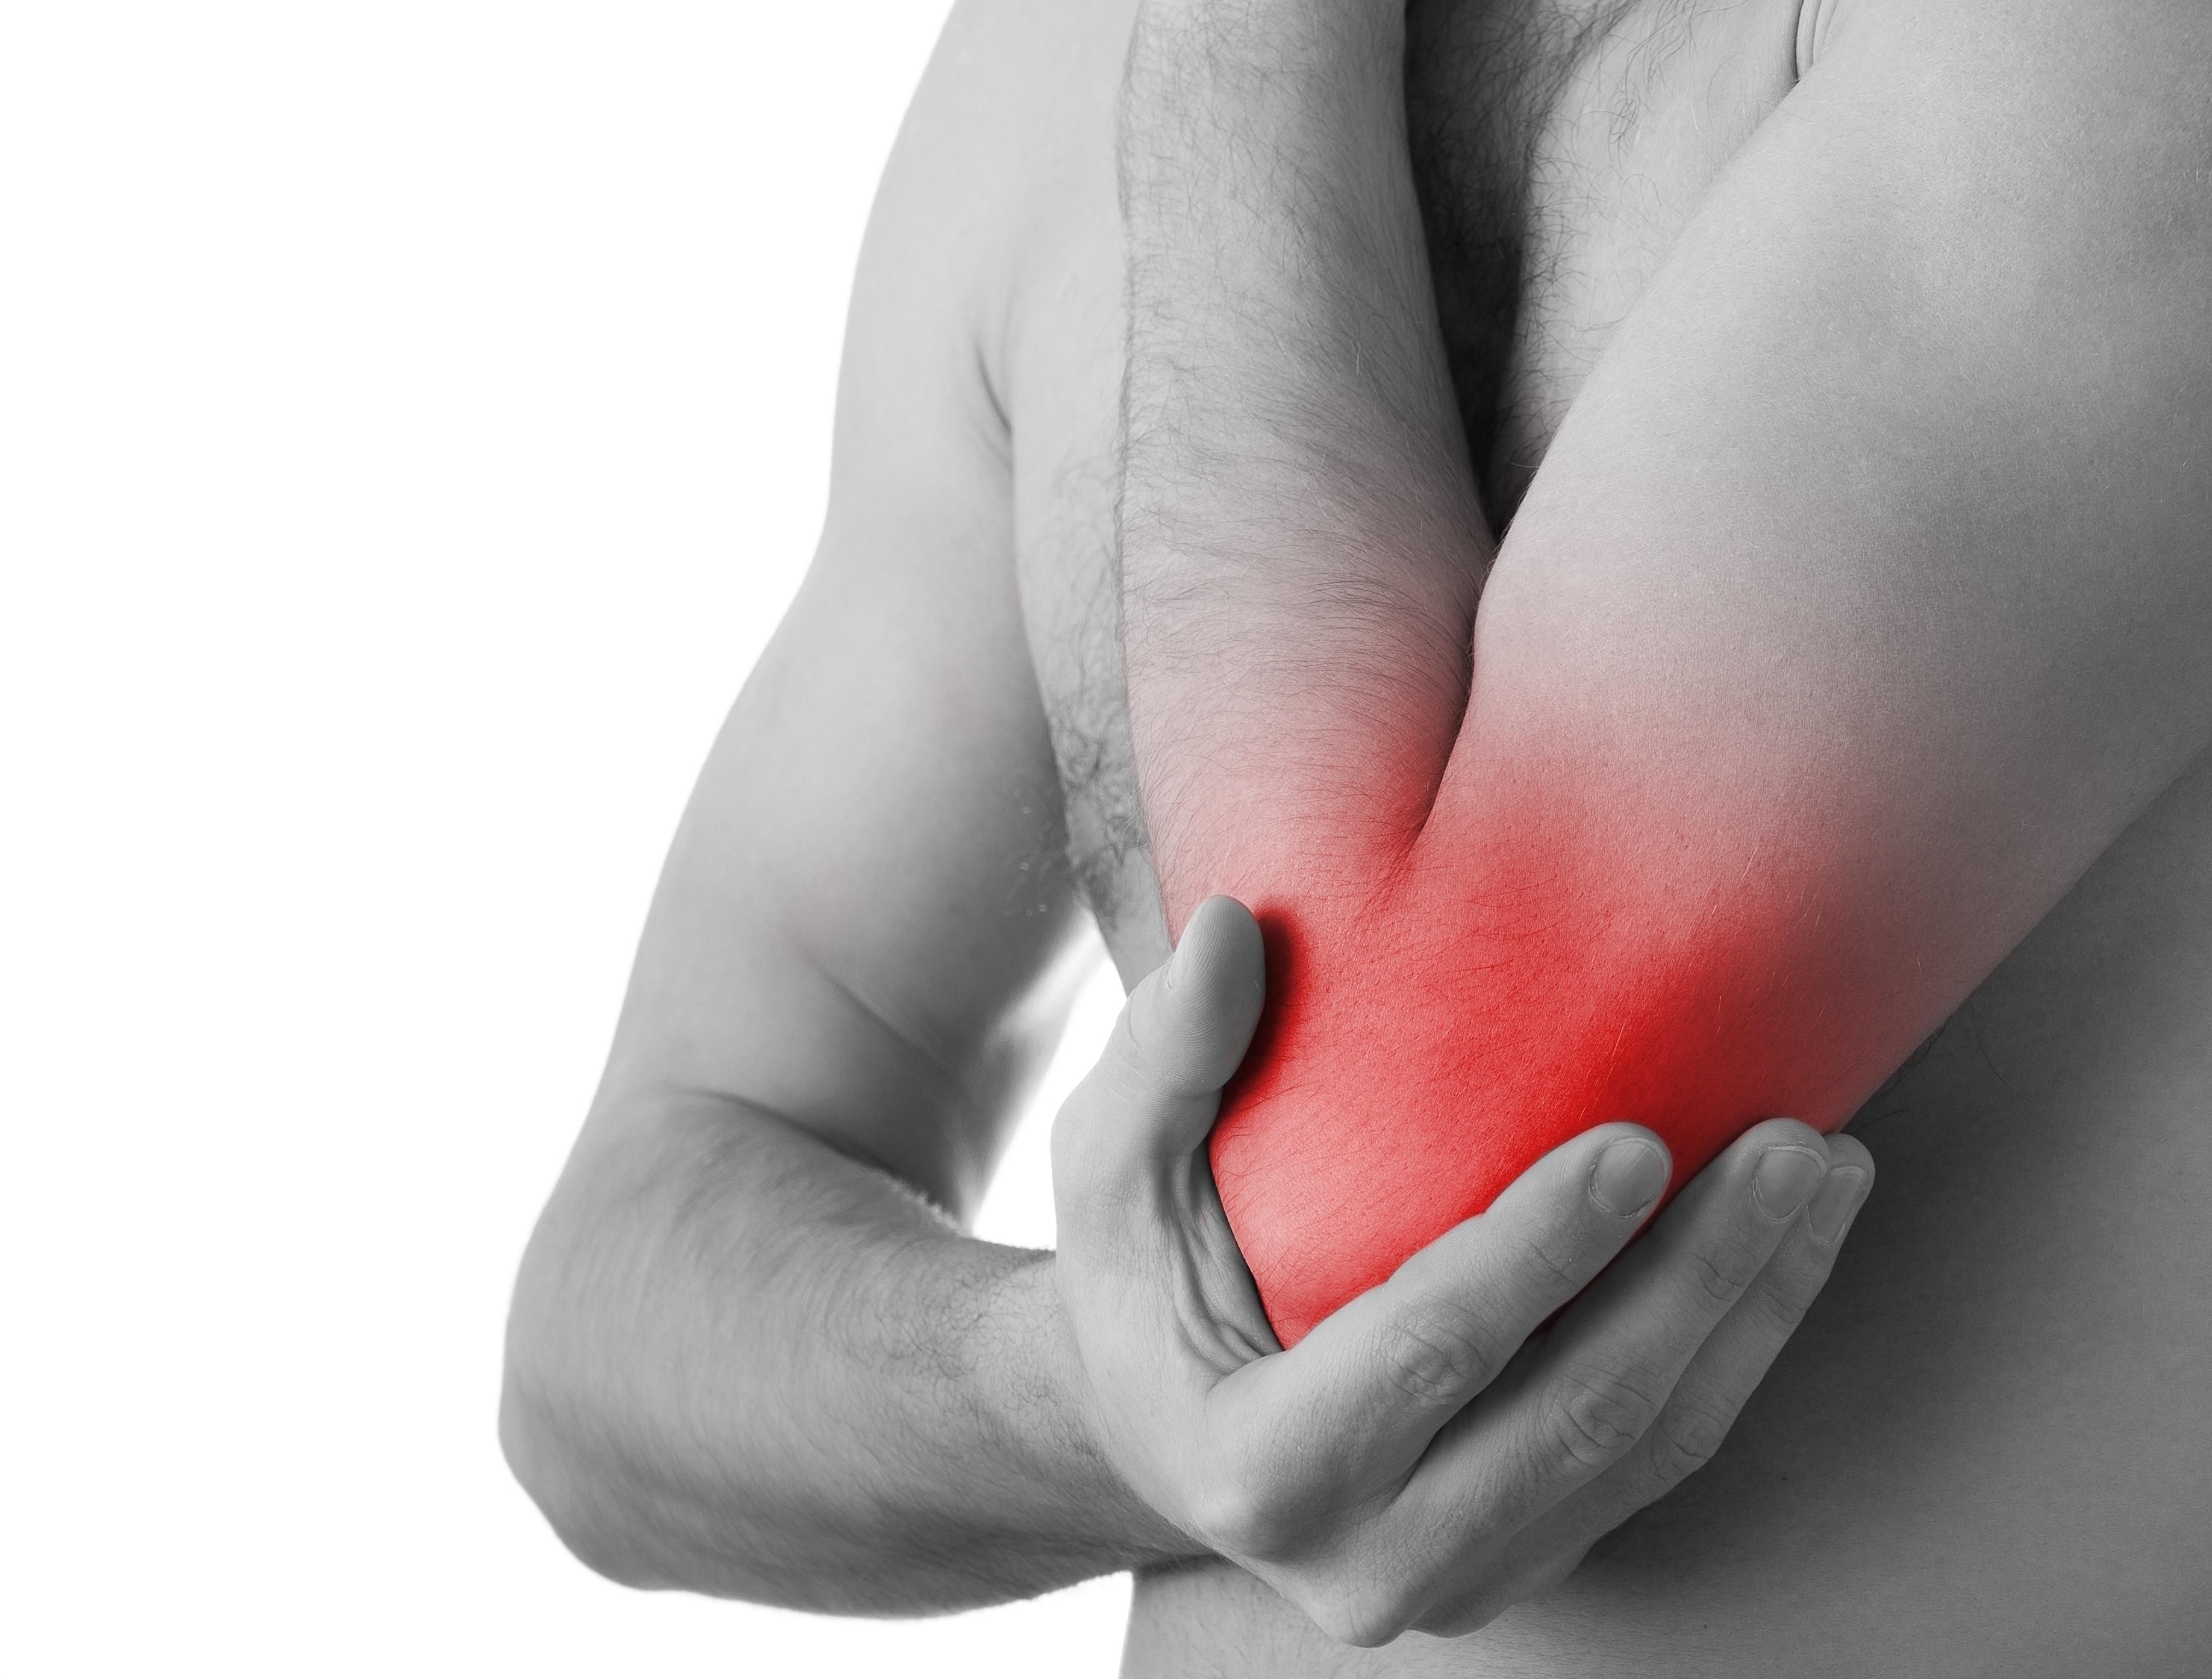 csípőízület ízületi tünetei és kezelése)